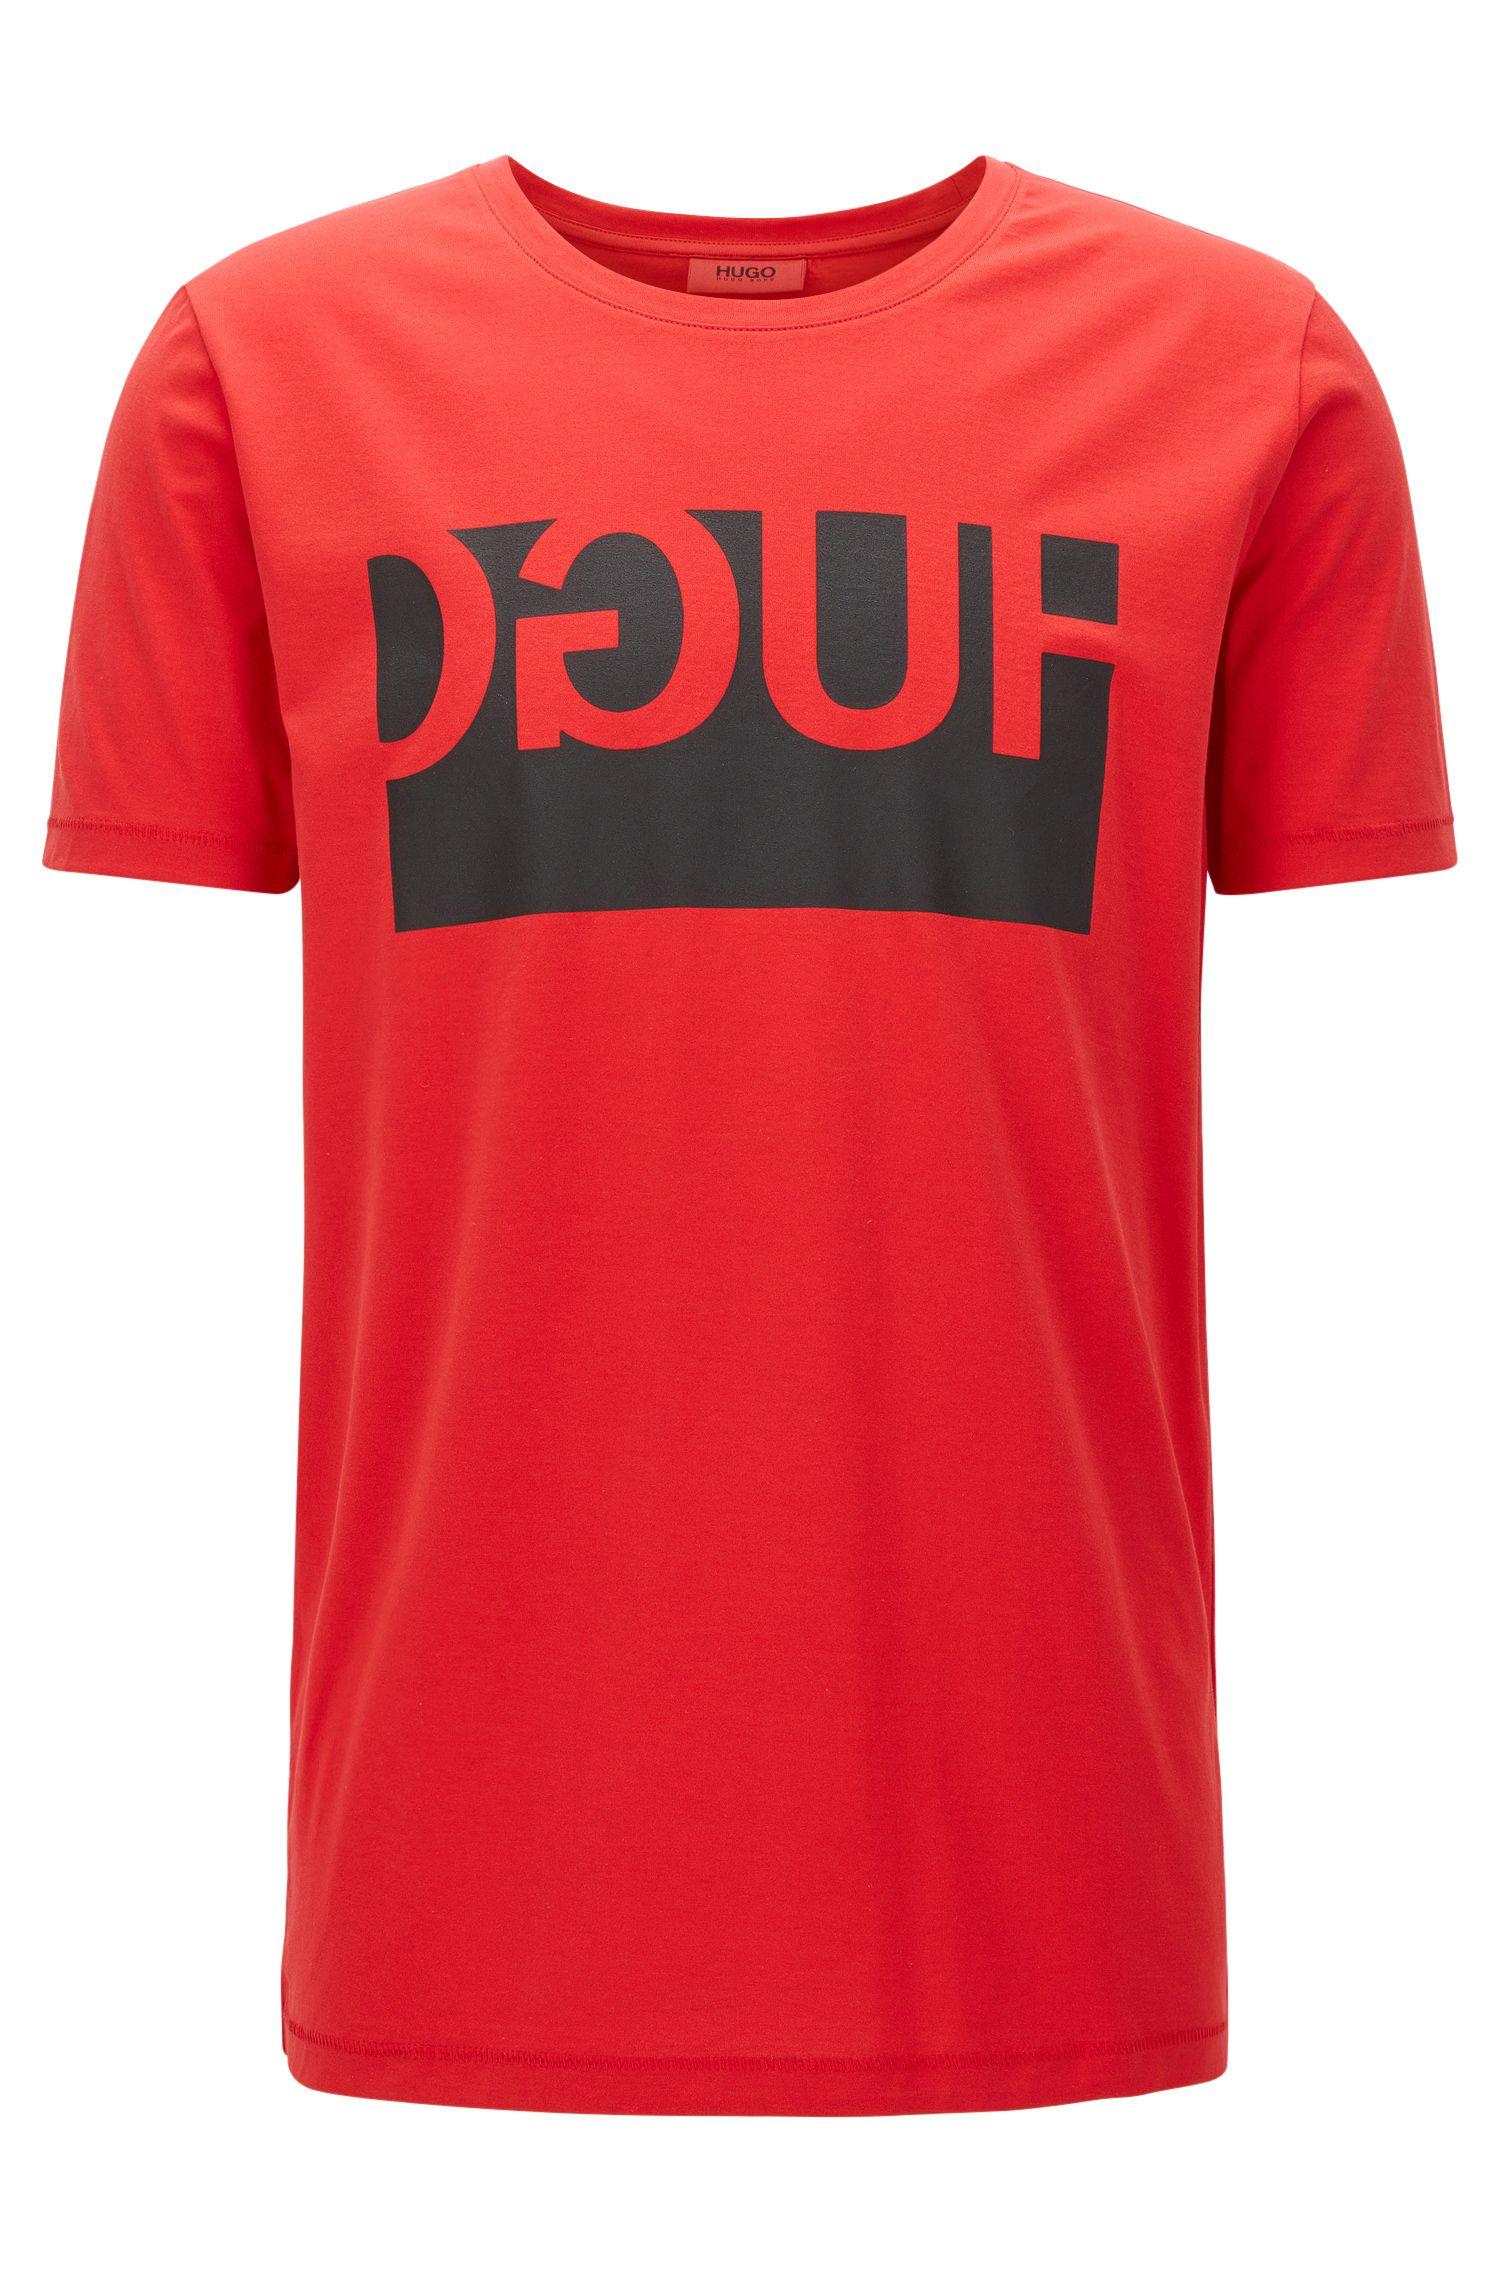 T-shirt Regular Fit en coton avec logo imprimé inversé: une exclusivité en ligne